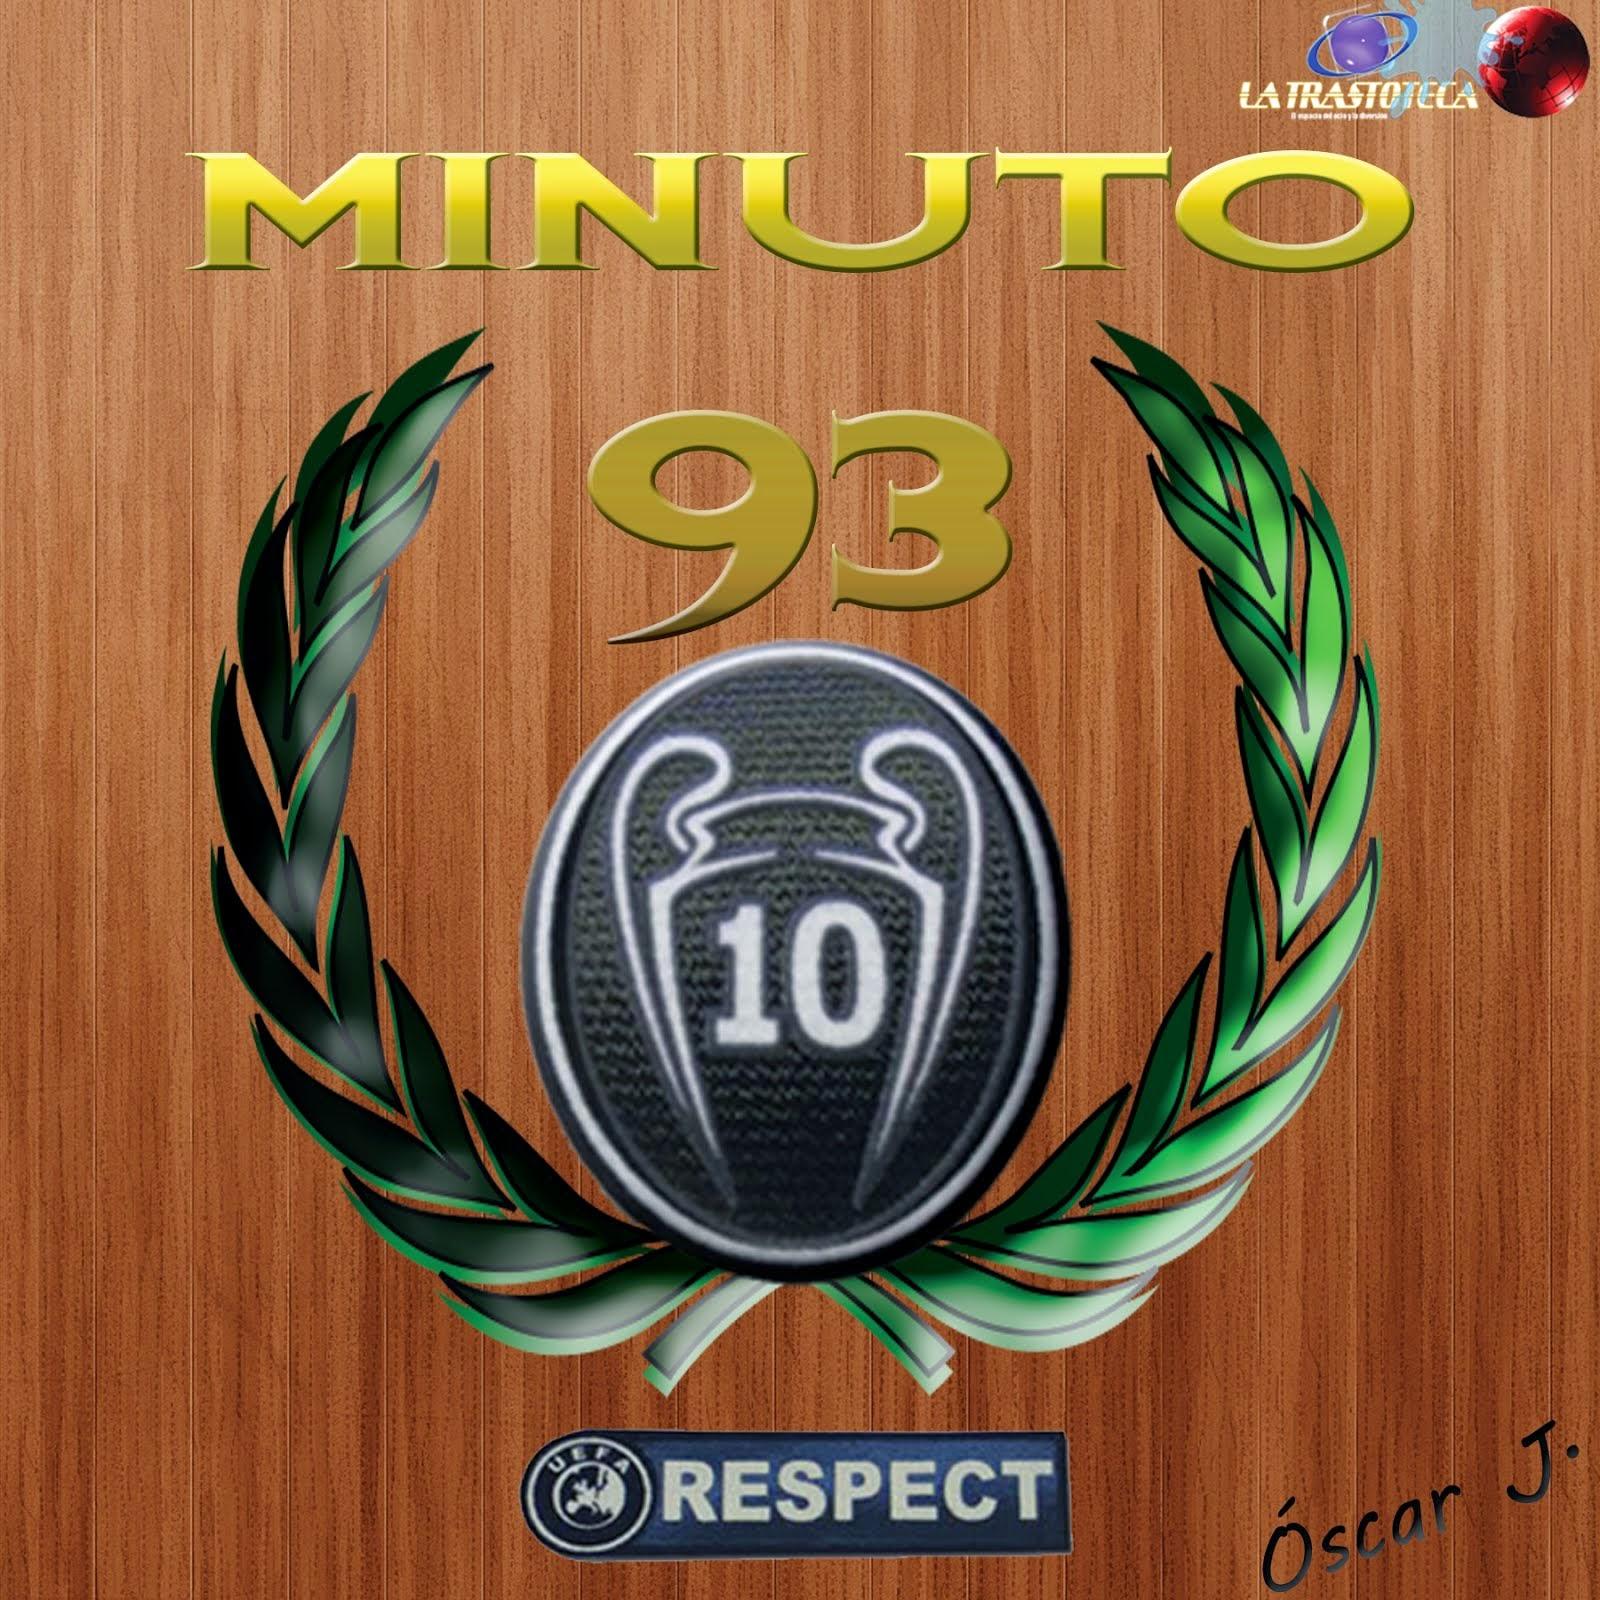 Minuto 93' (Nueva Sección)